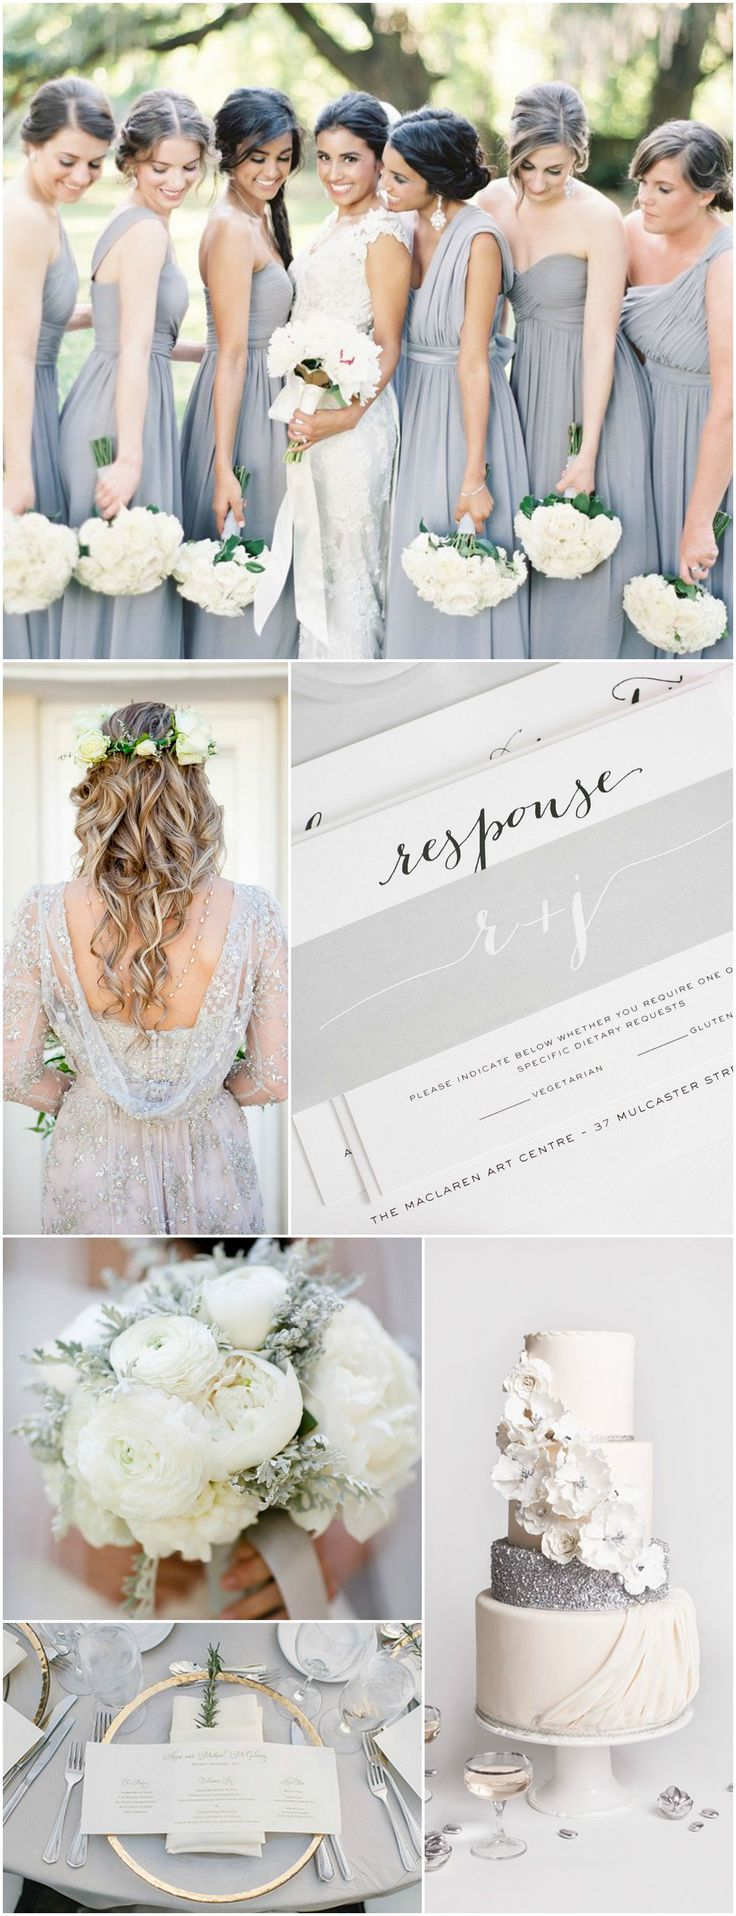 13 best Slate Blue, Gray & White images on Pinterest | Wedding ideas ...